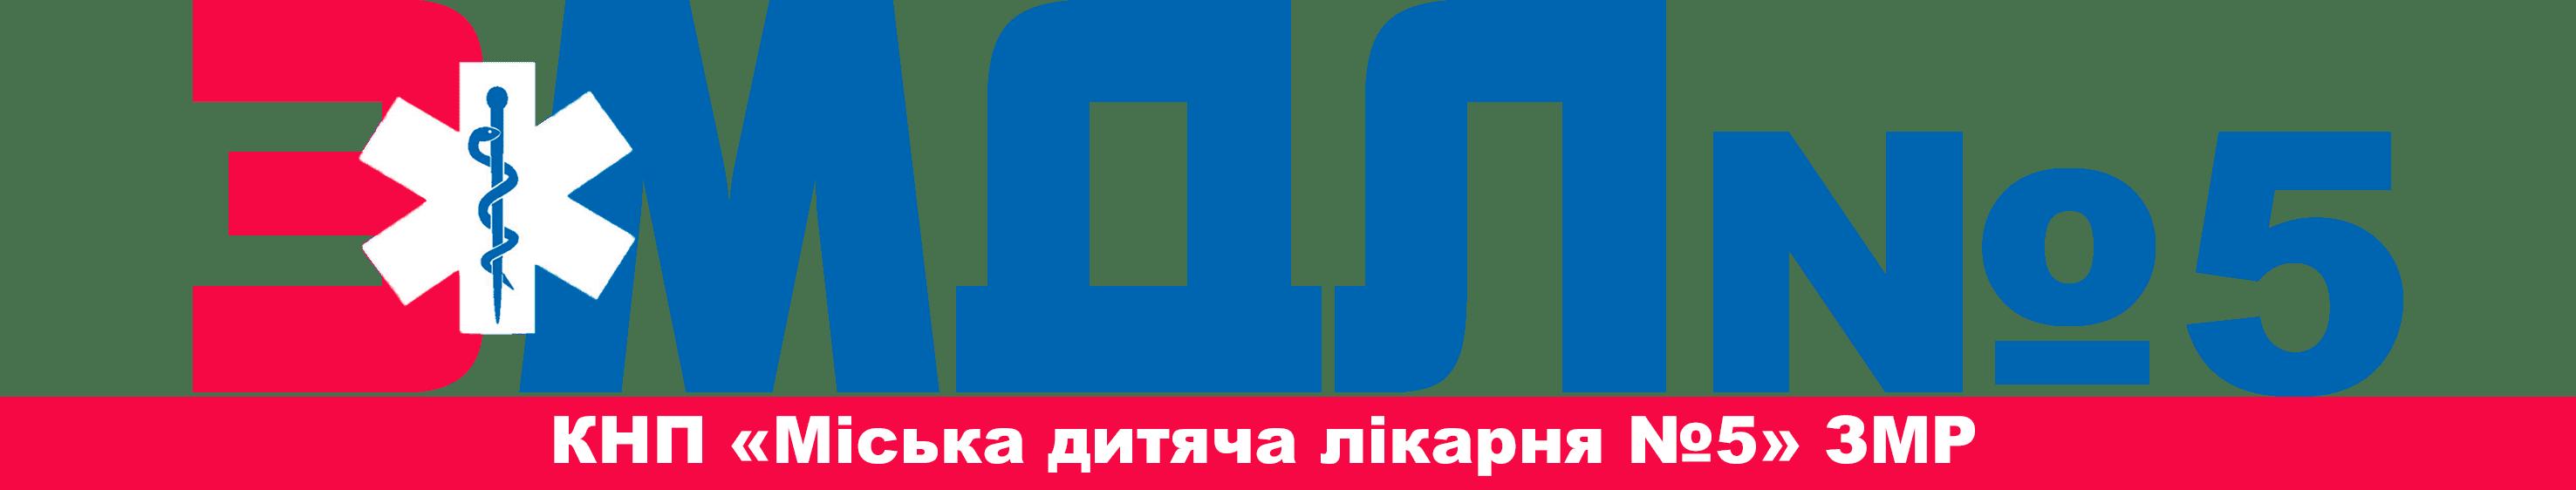 Міська  дитяча лікарня №5